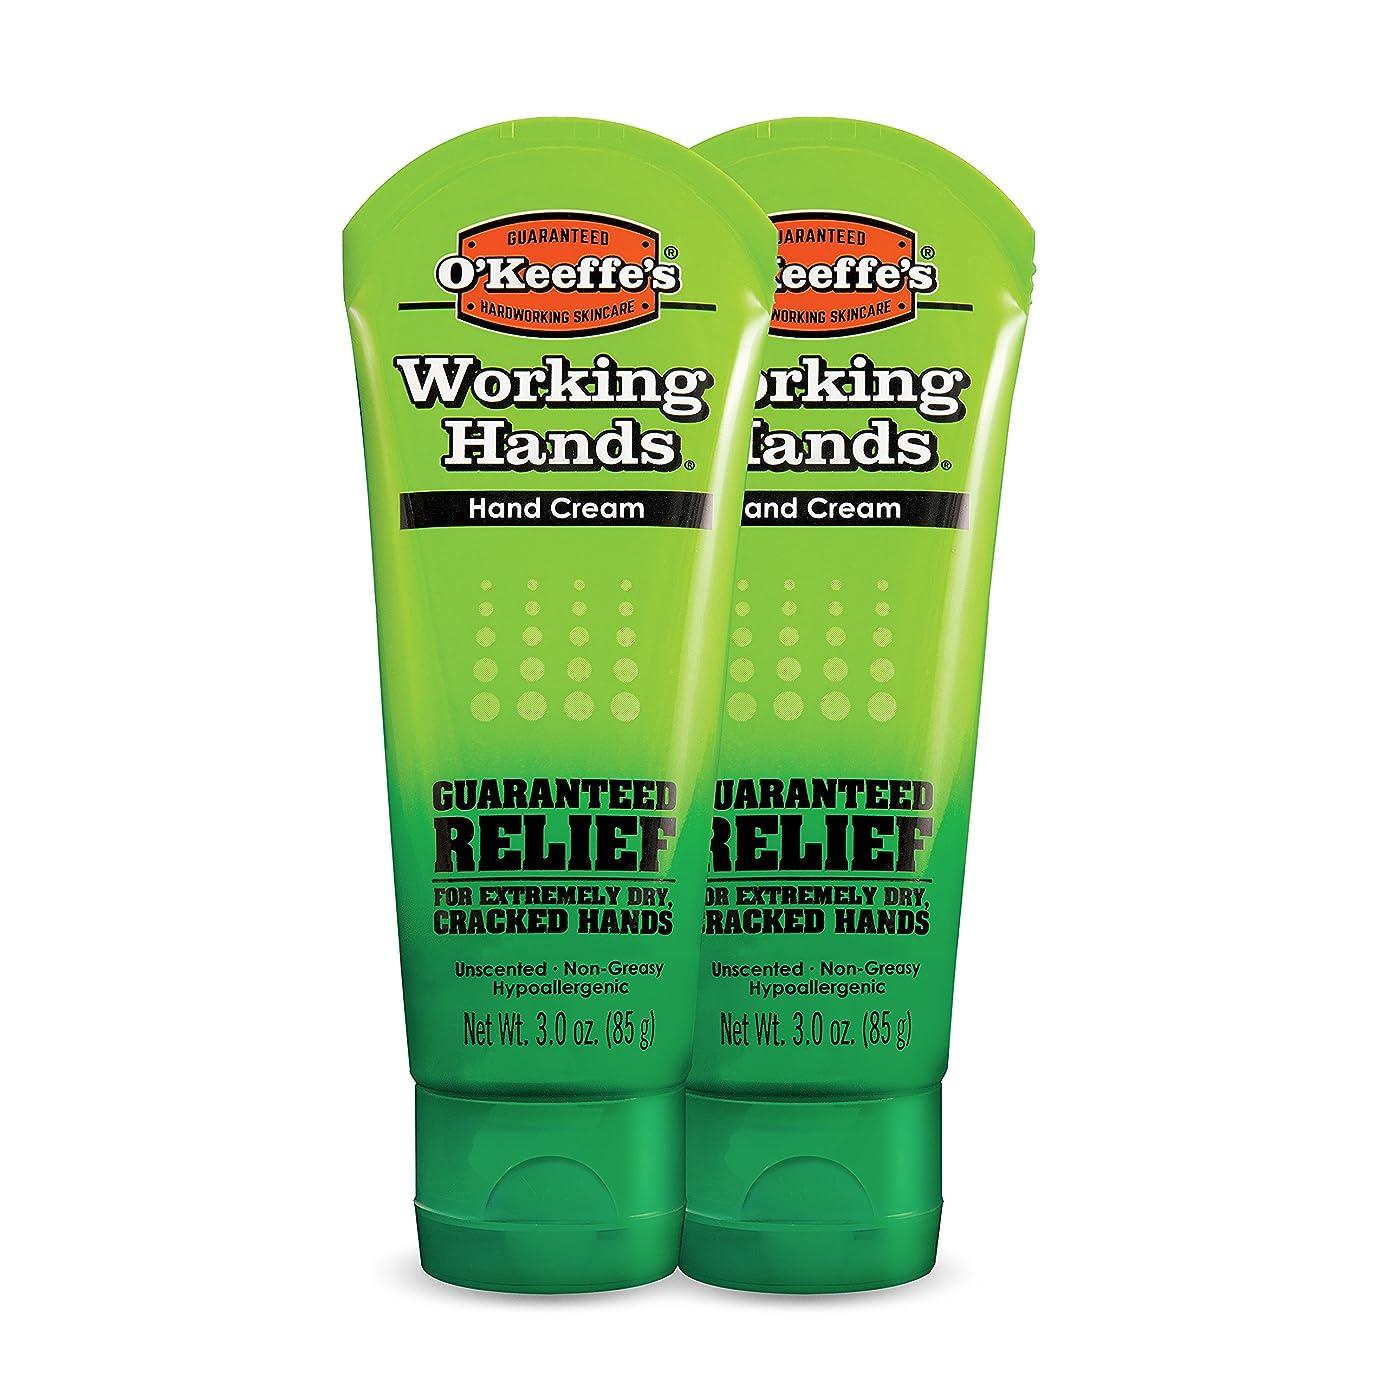 プレフィックス必要ない心配O ' Keeffe 's Working Hands Hand Cream、3?oz ( Pack of 2?)